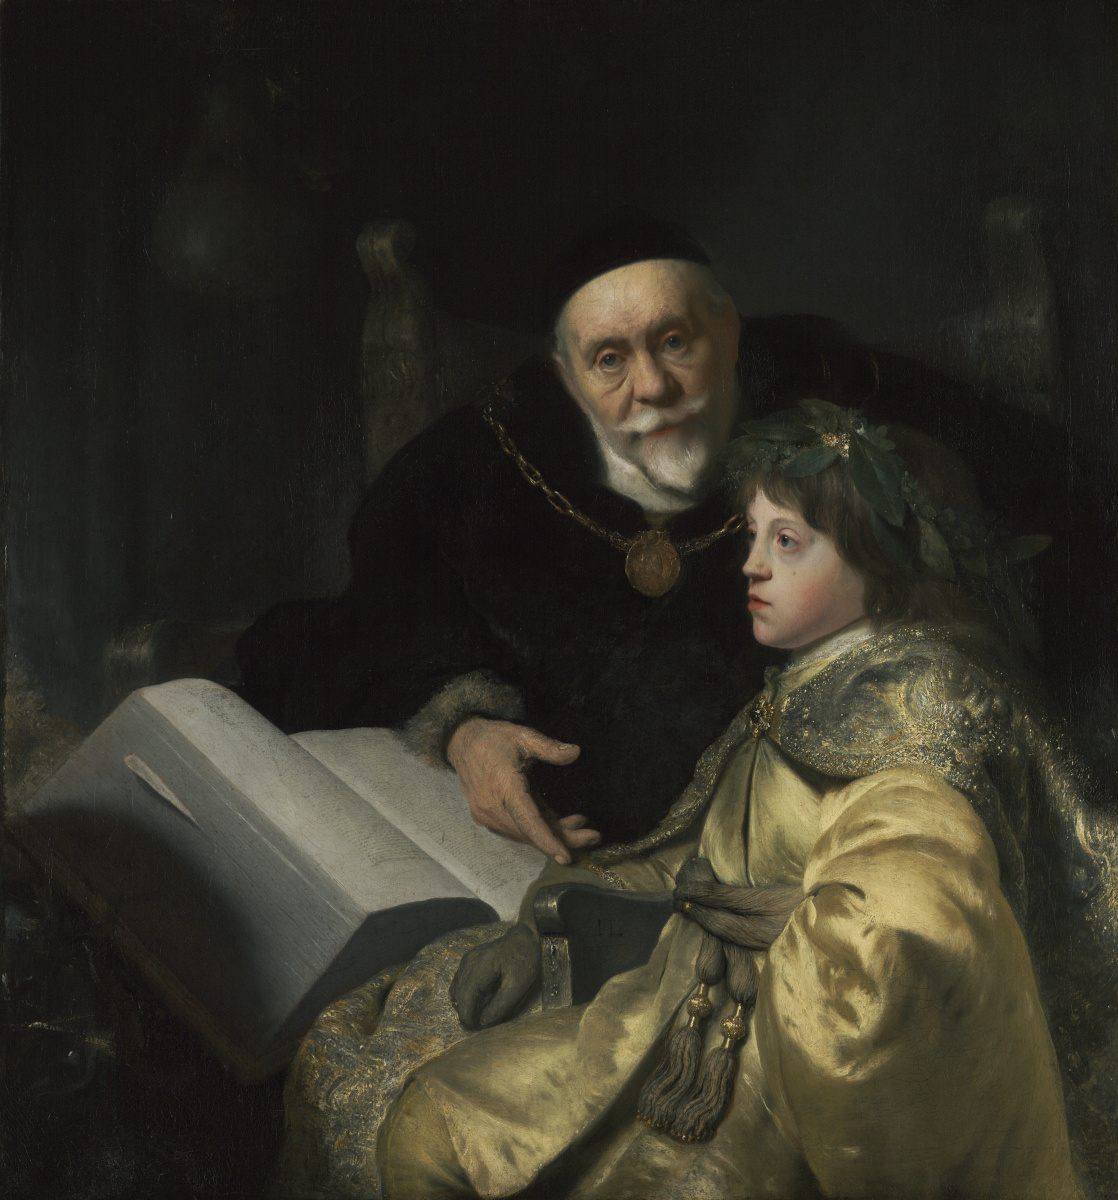 Ян Ливенс. Принц Чарльз Луи из Пфальца со своим учителем Вольрадом фон Плесеном